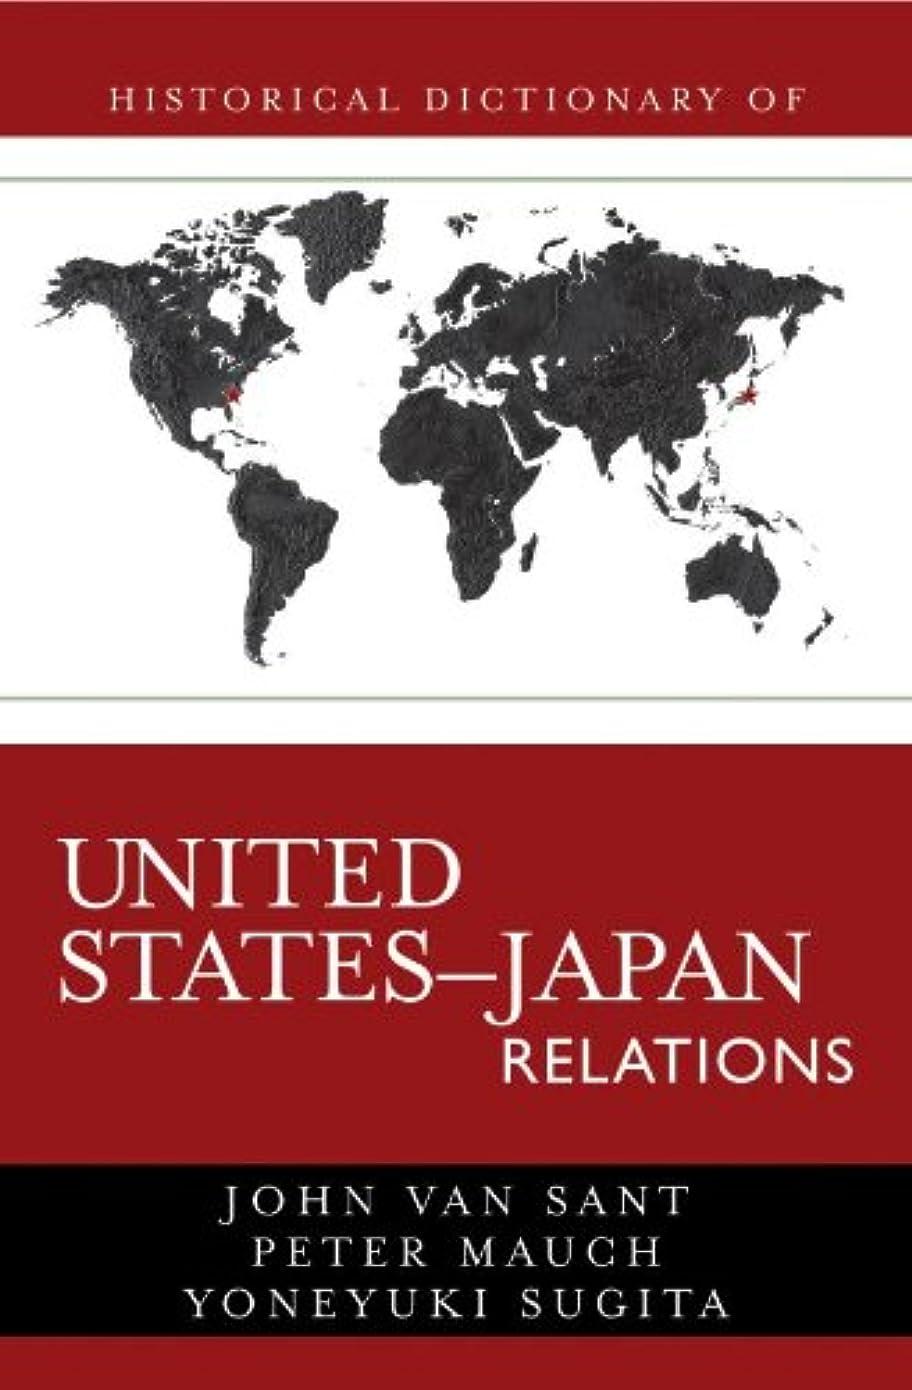 成功した発症タイルHistorical Dictionary of United States-Japan Relations (Historical Dictionaries of Diplomacy and Foreign Relations Book 4) (English Edition)